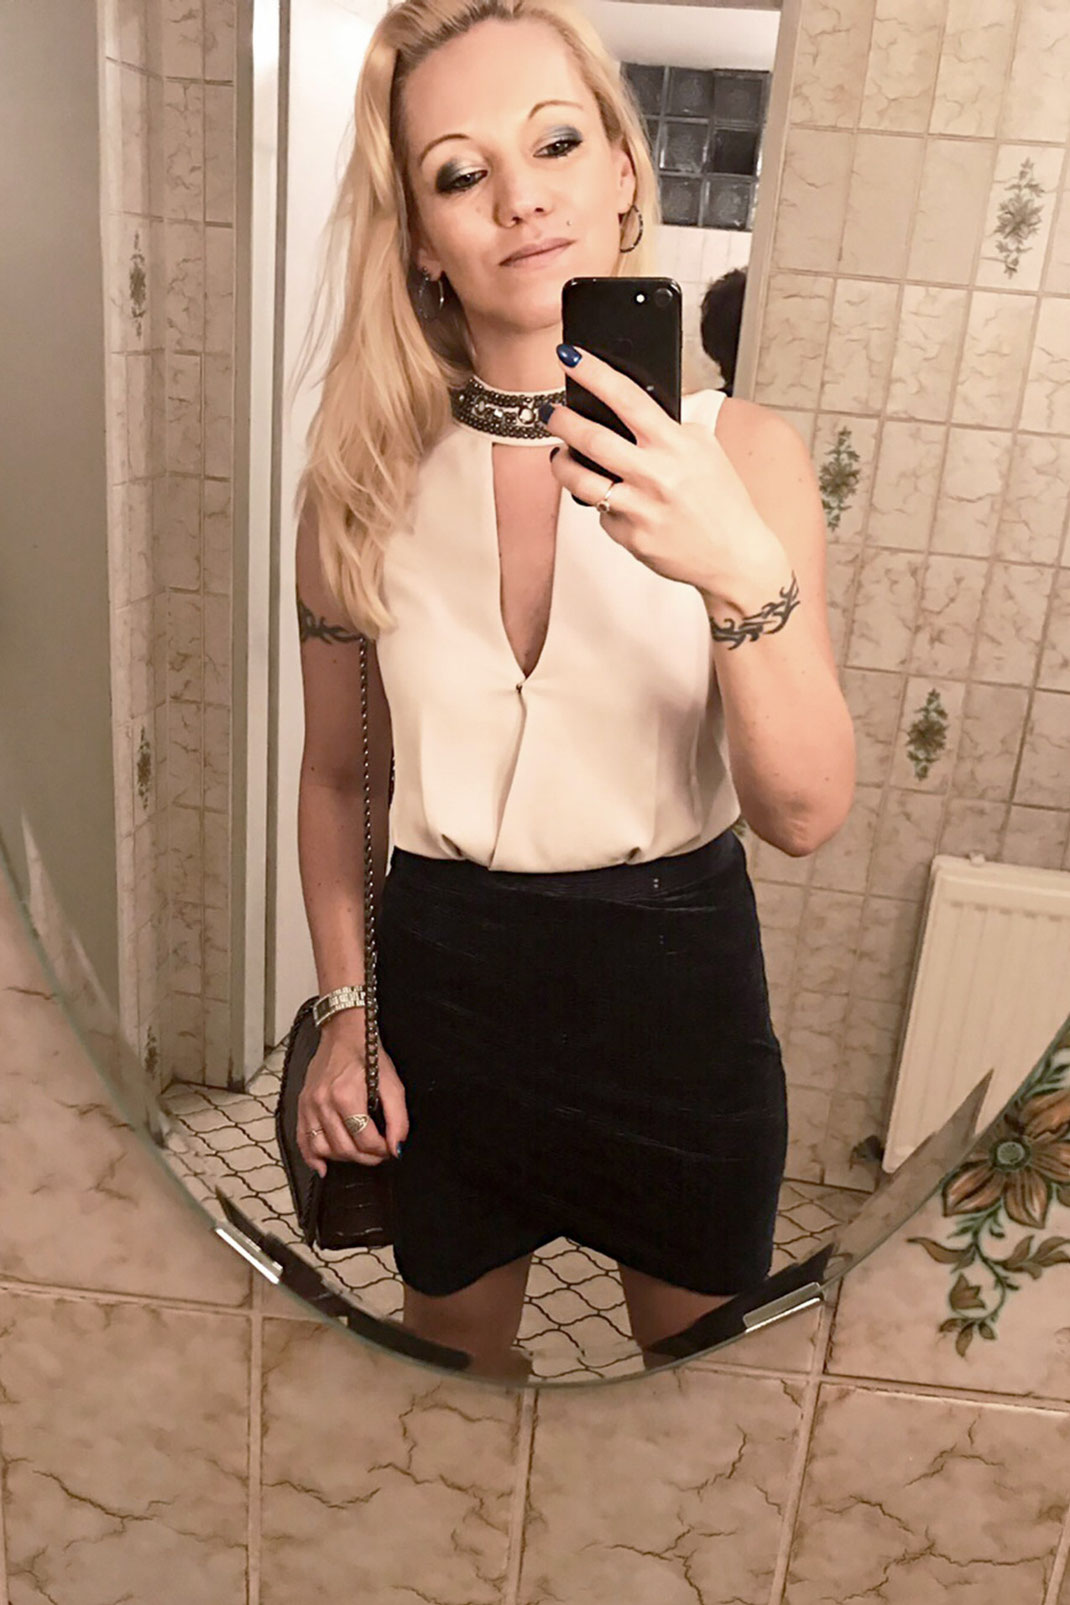 Style Trend Asymmetric Skirt: Asymmetrische Röcke sind nicht nur unheimlich sexy, sondern vor allem auch ein heißer Eyecatcher im sonst so tristen Herbst. Zumindest findet das Bloggerin Franny Fine | Hot Port Life & Style | 30+ Style Blog